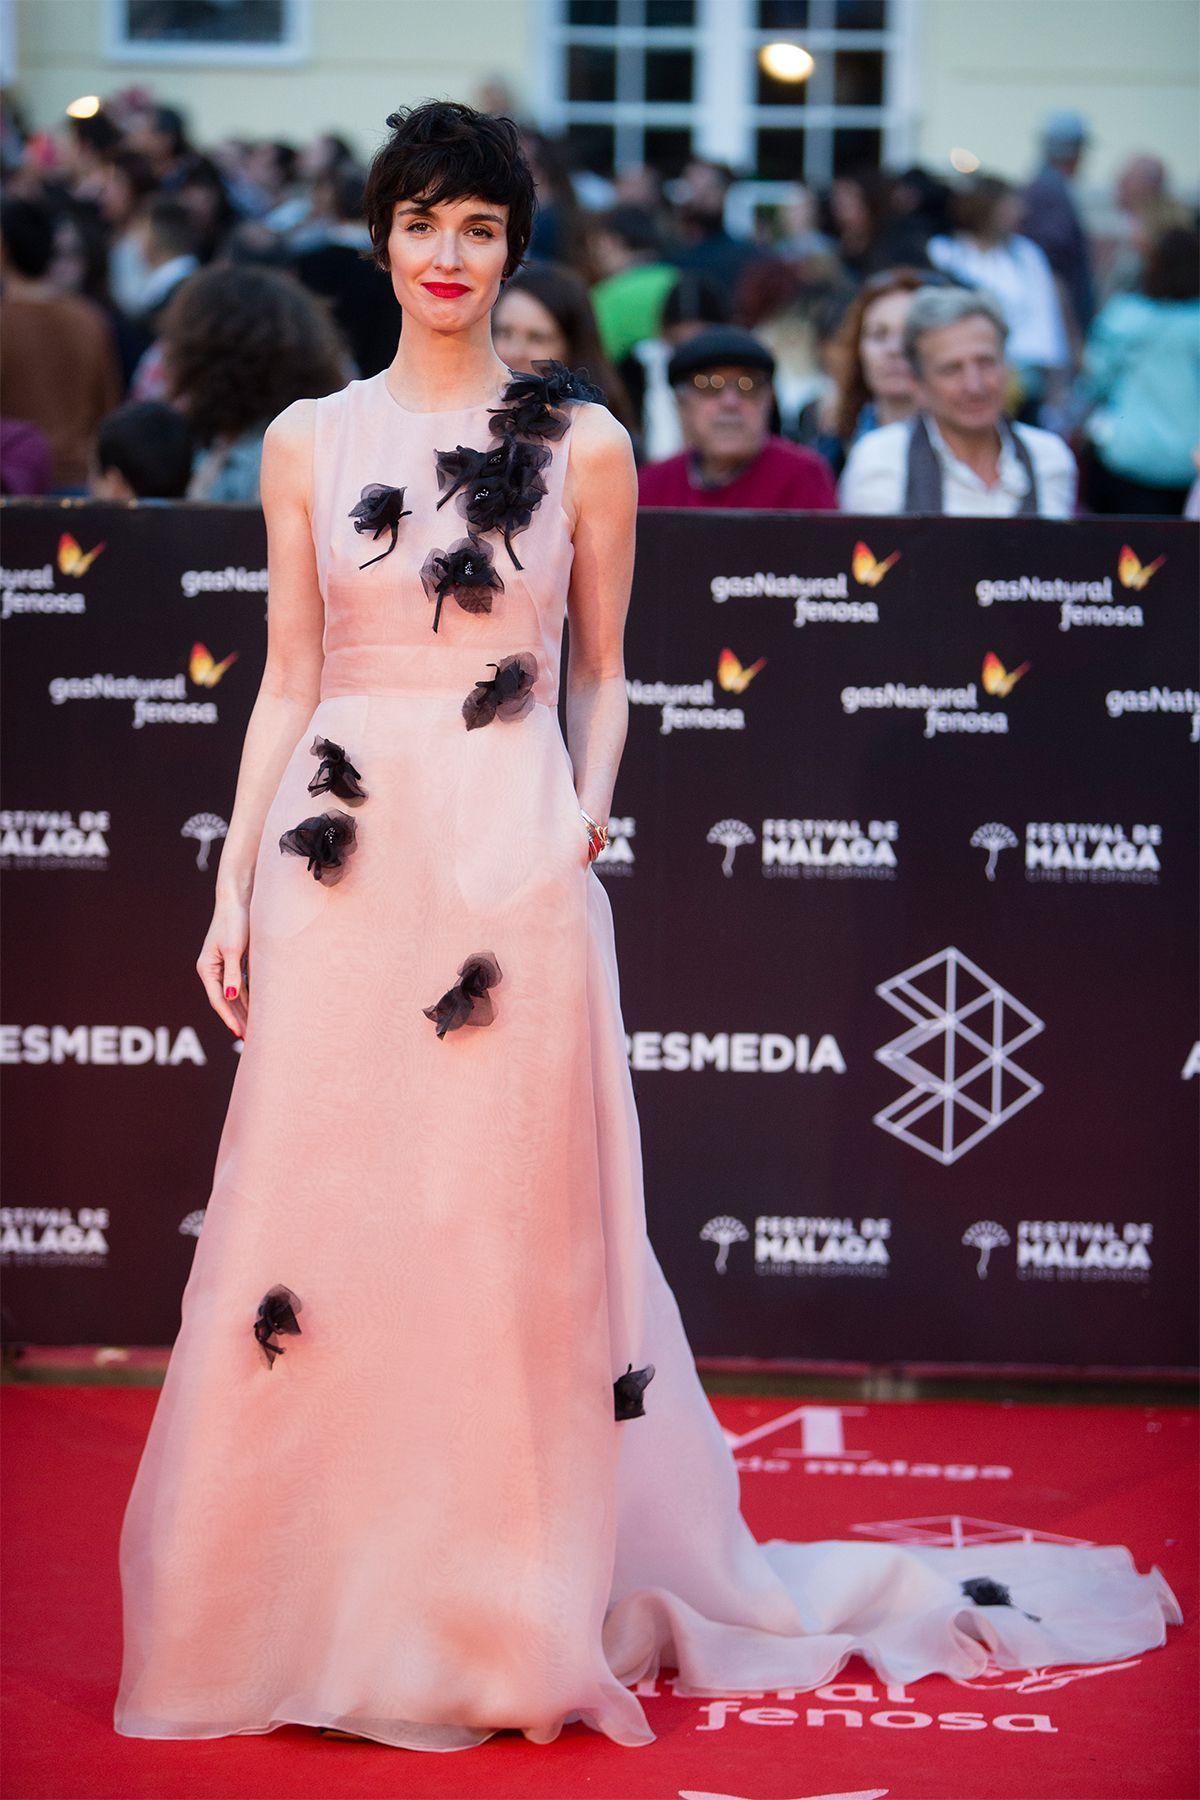 Festival de Cine de Málaga 2018: Jornada 2 | Festival de cine ...